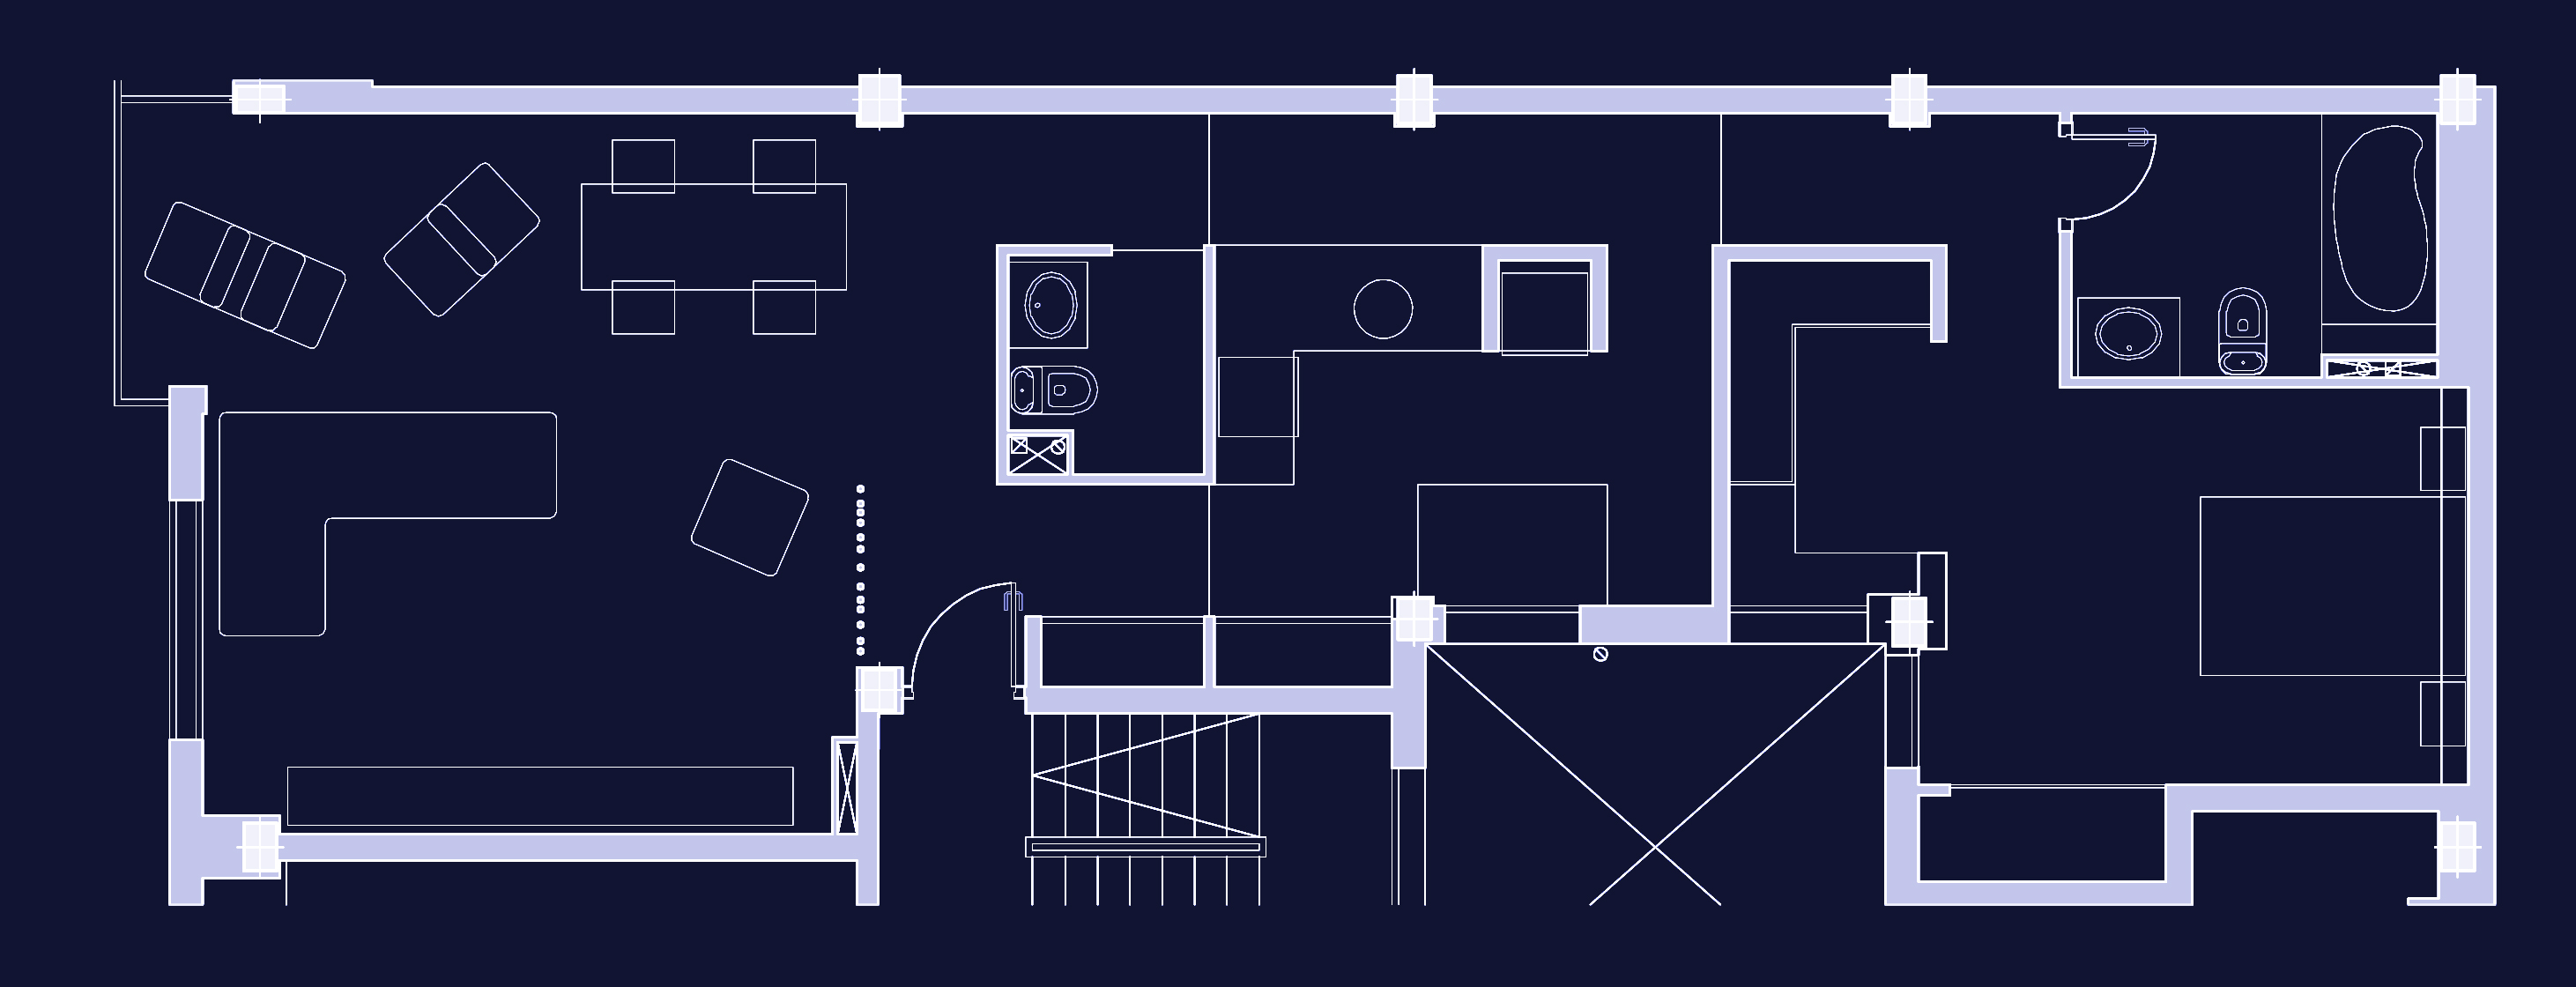 Nuestros packs proyectos de reforma de vivienda low cost for Hacer plano vivienda